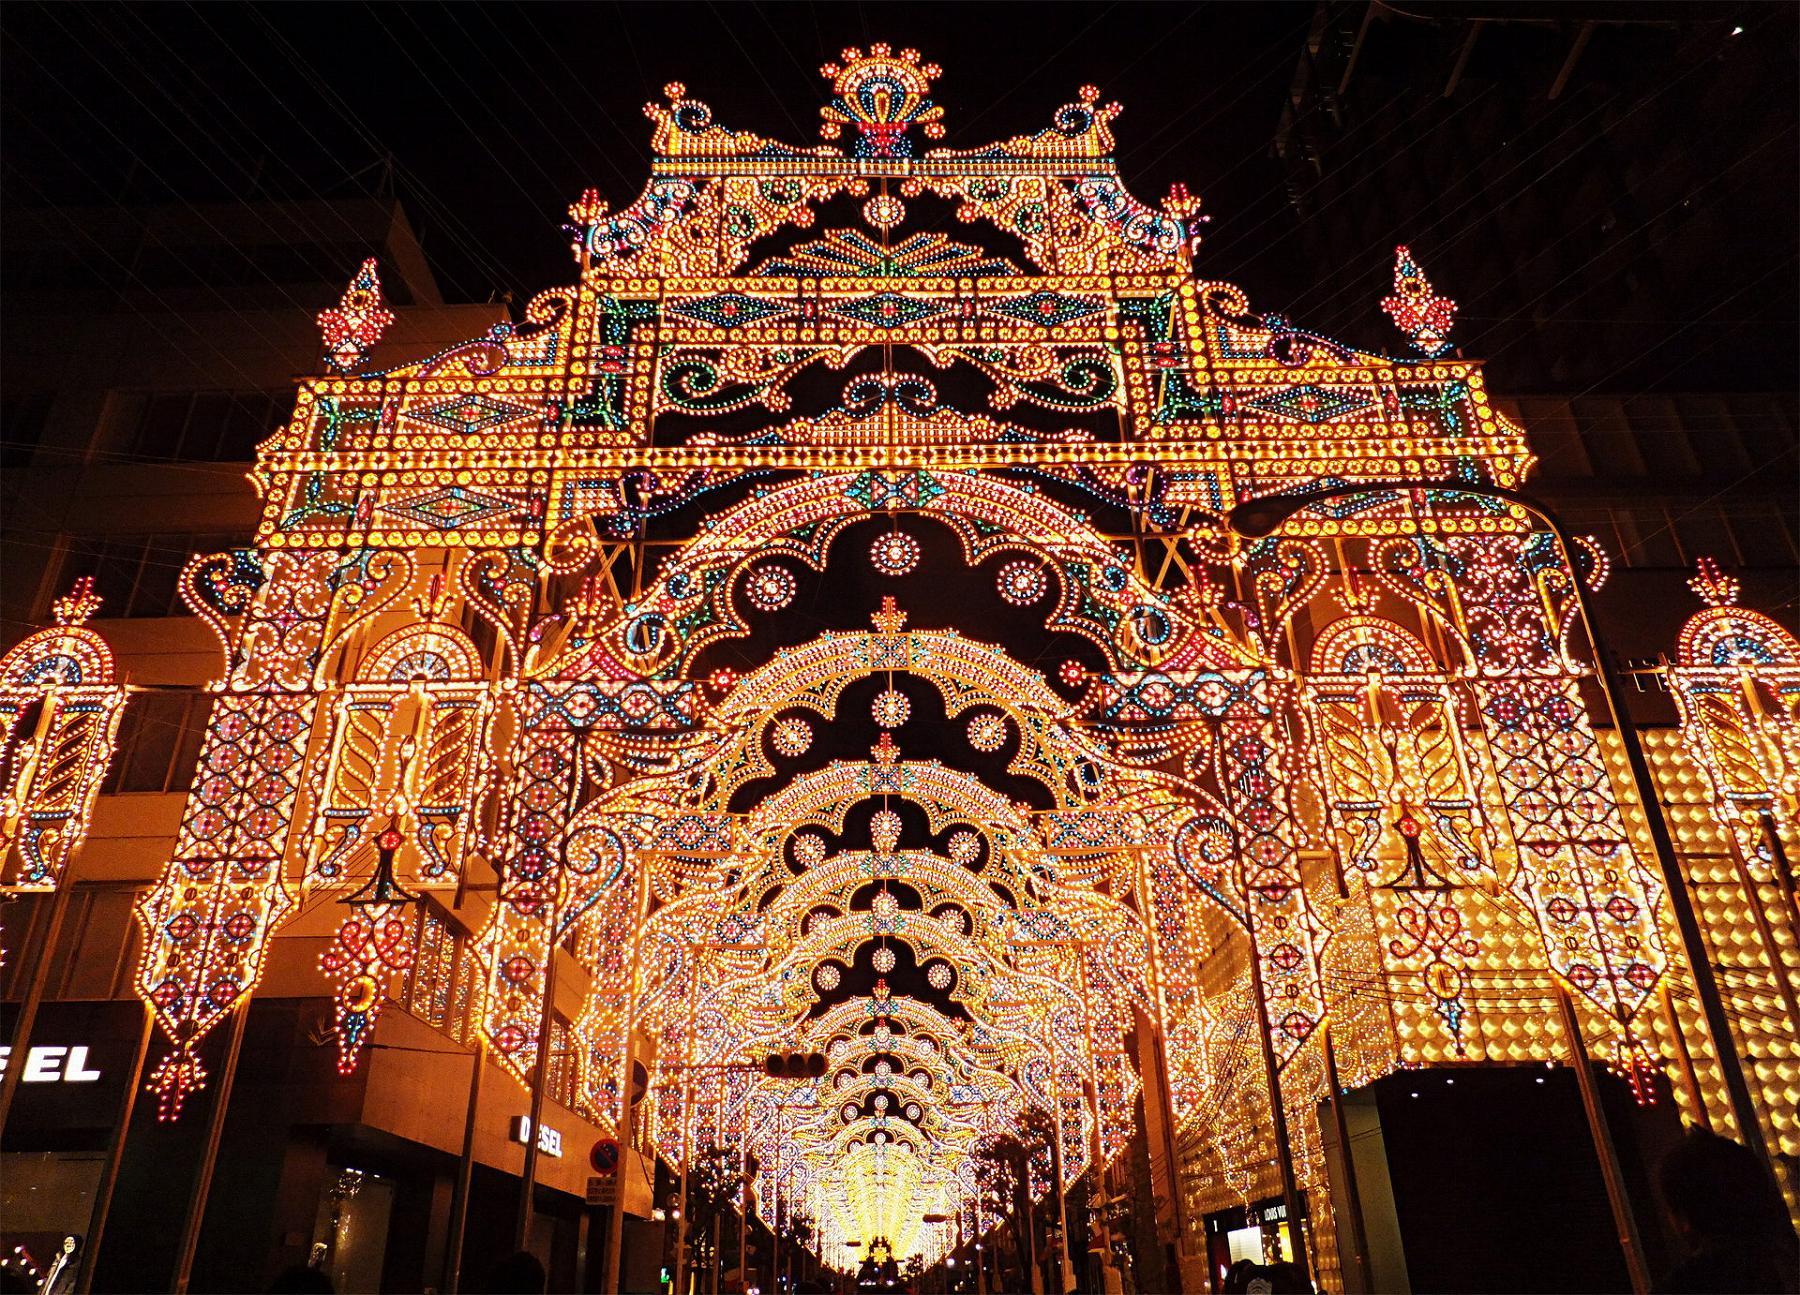 「神戸ルミナリエ2018」は12月7日(金)~12月16日(日)に開催予定だよ! #ルミナリエ #旧居留地 #神戸観光